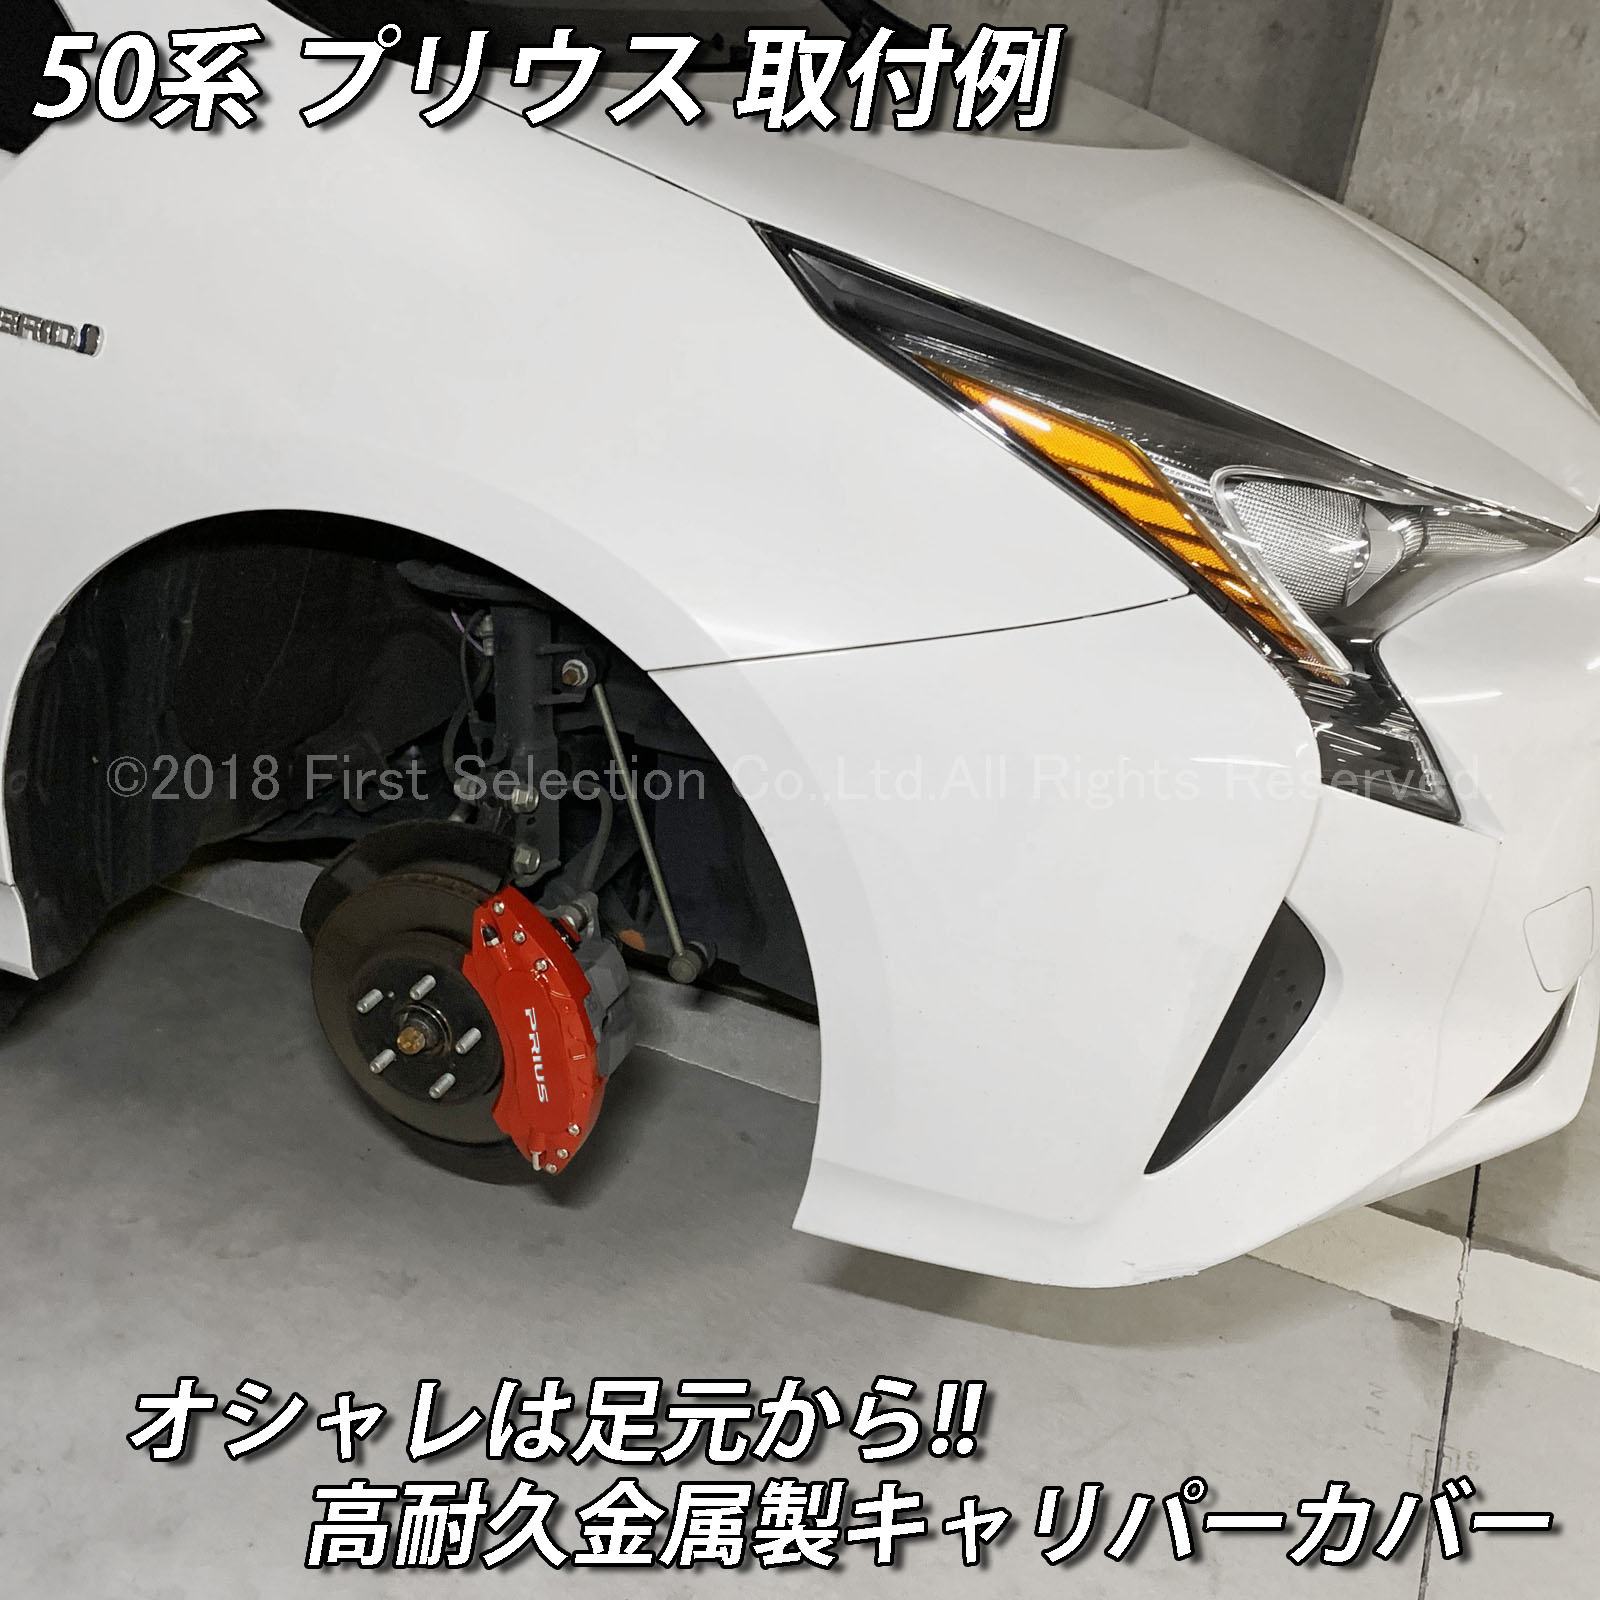 トヨタ車 PRIUSロゴ銀文字 プリウス50系用 高耐久金属製キャリパーカバーセット赤 50プリウス ZVW50 ZVW51 ZVW55 ZVW52 PHV